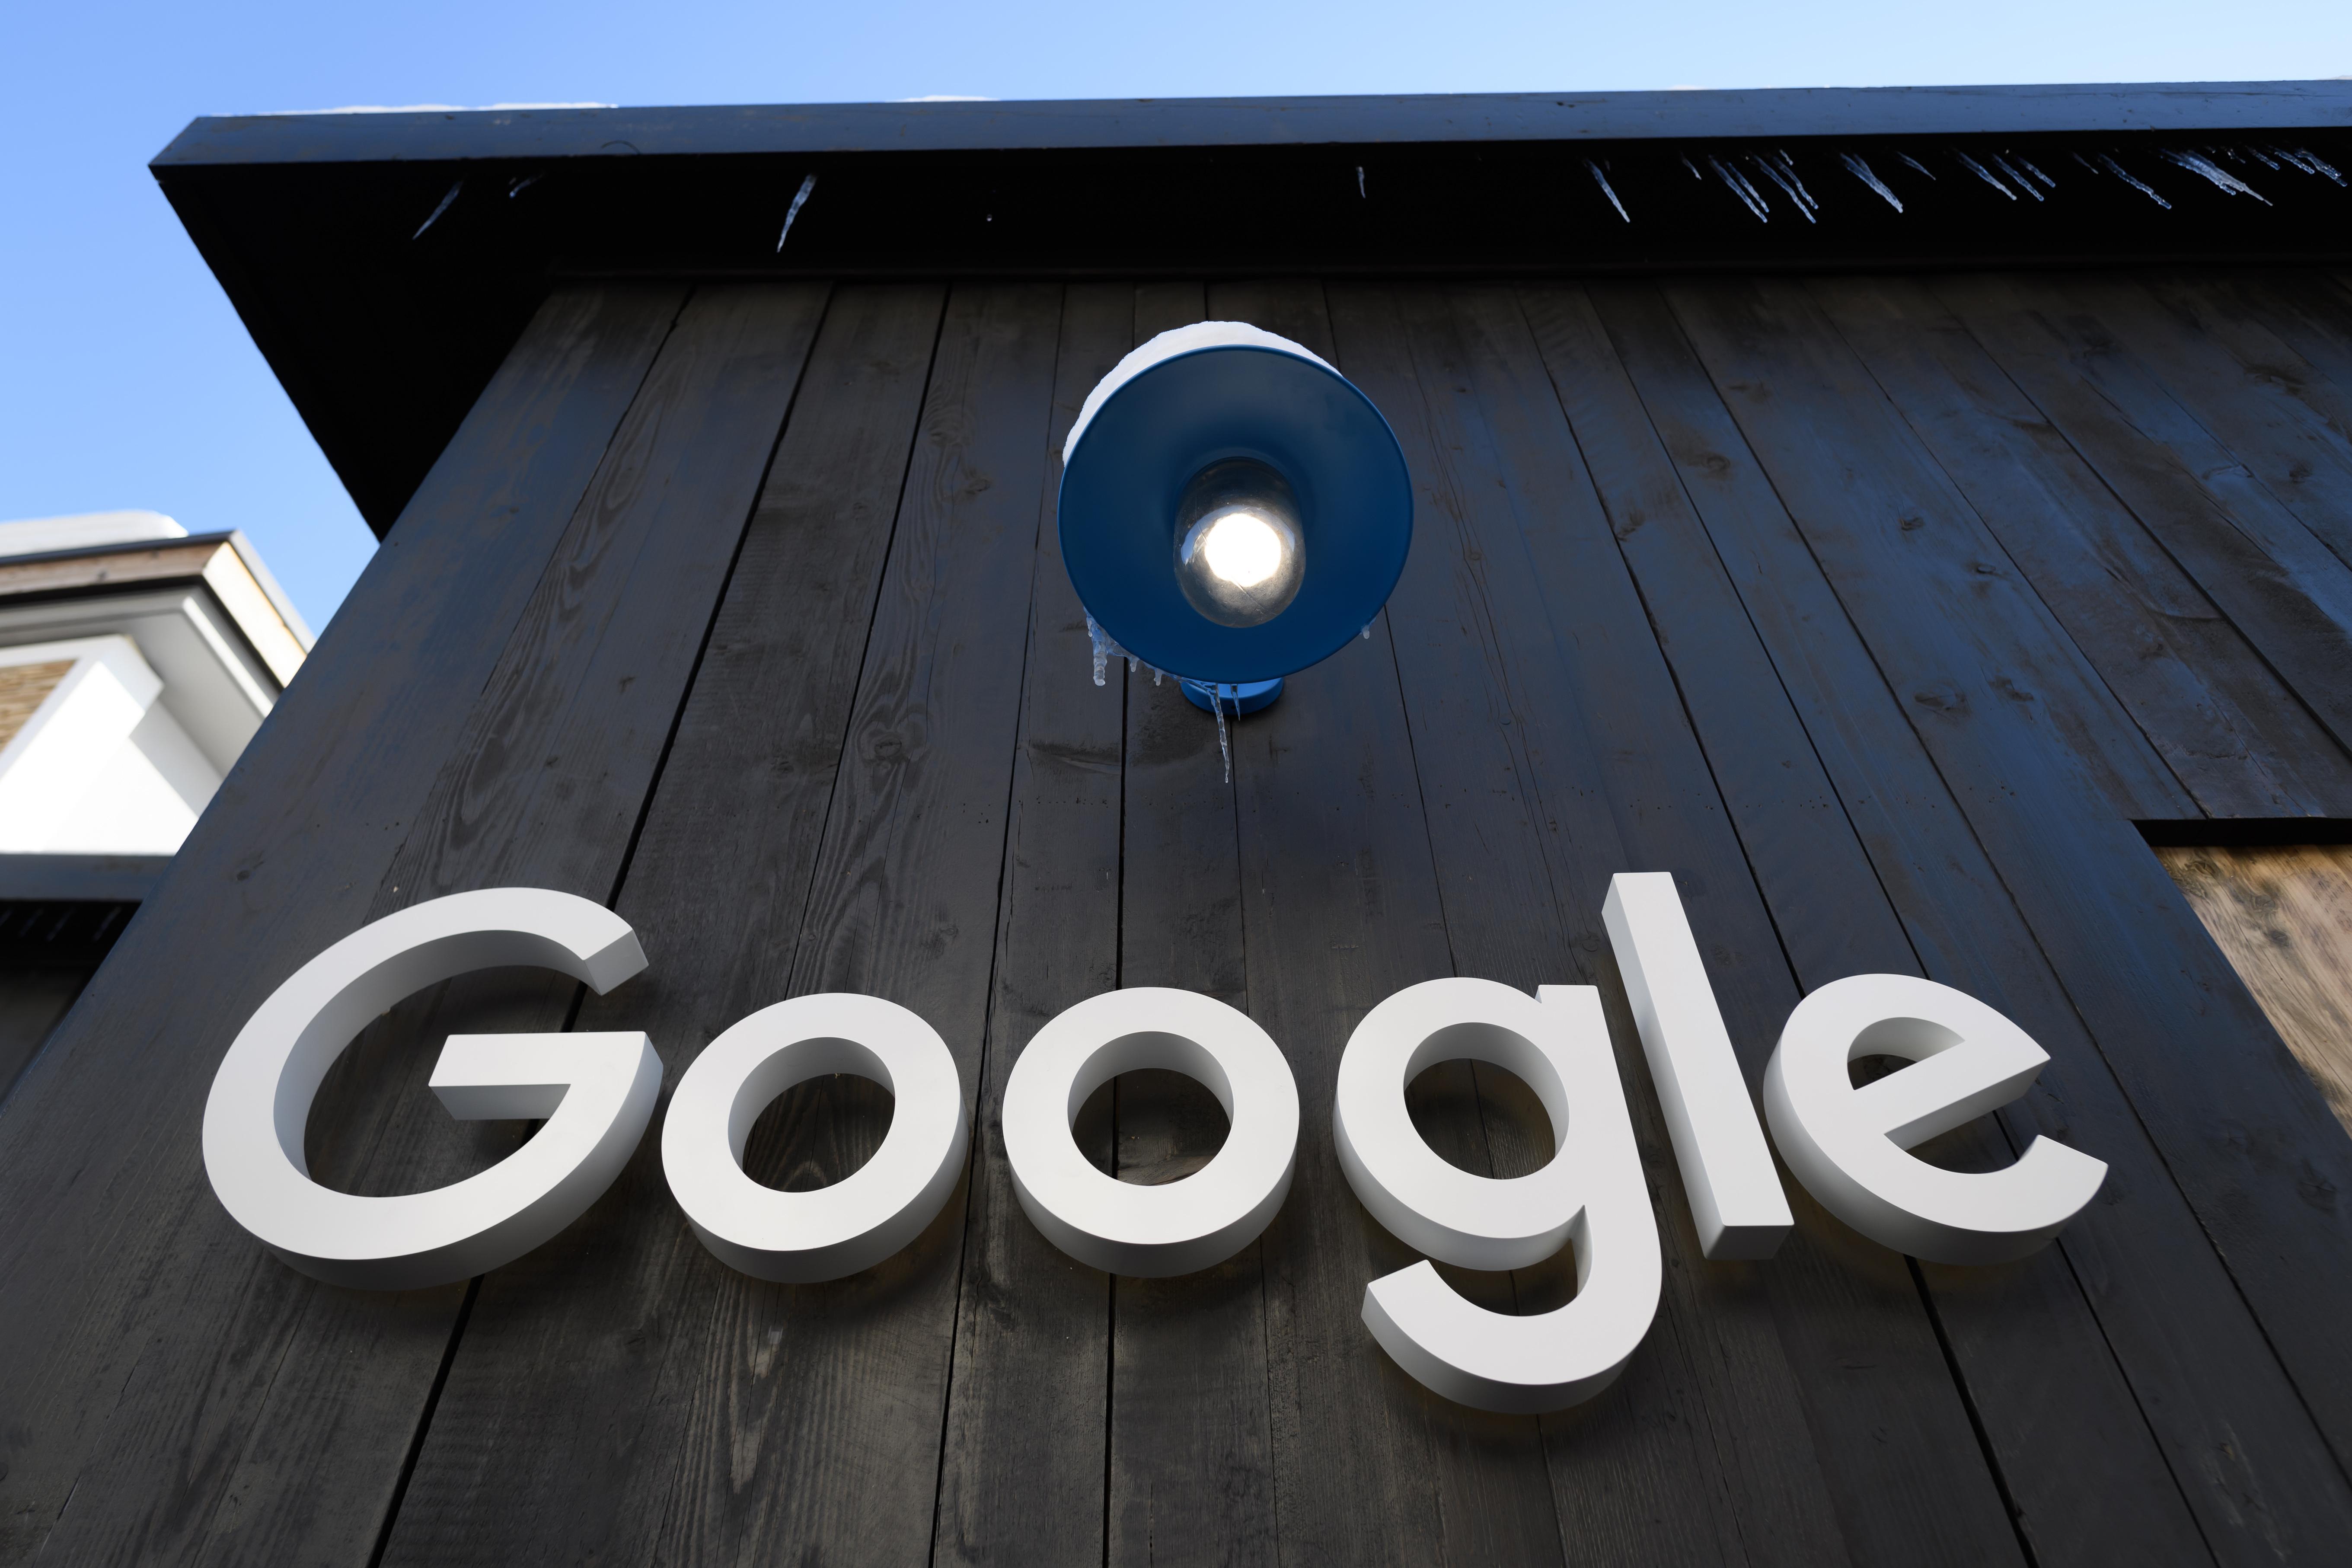 Pert nyert az ausztrál fogorvos, a Google-nek el kell árulnia, ki írt rossz értékelést a munkájáról